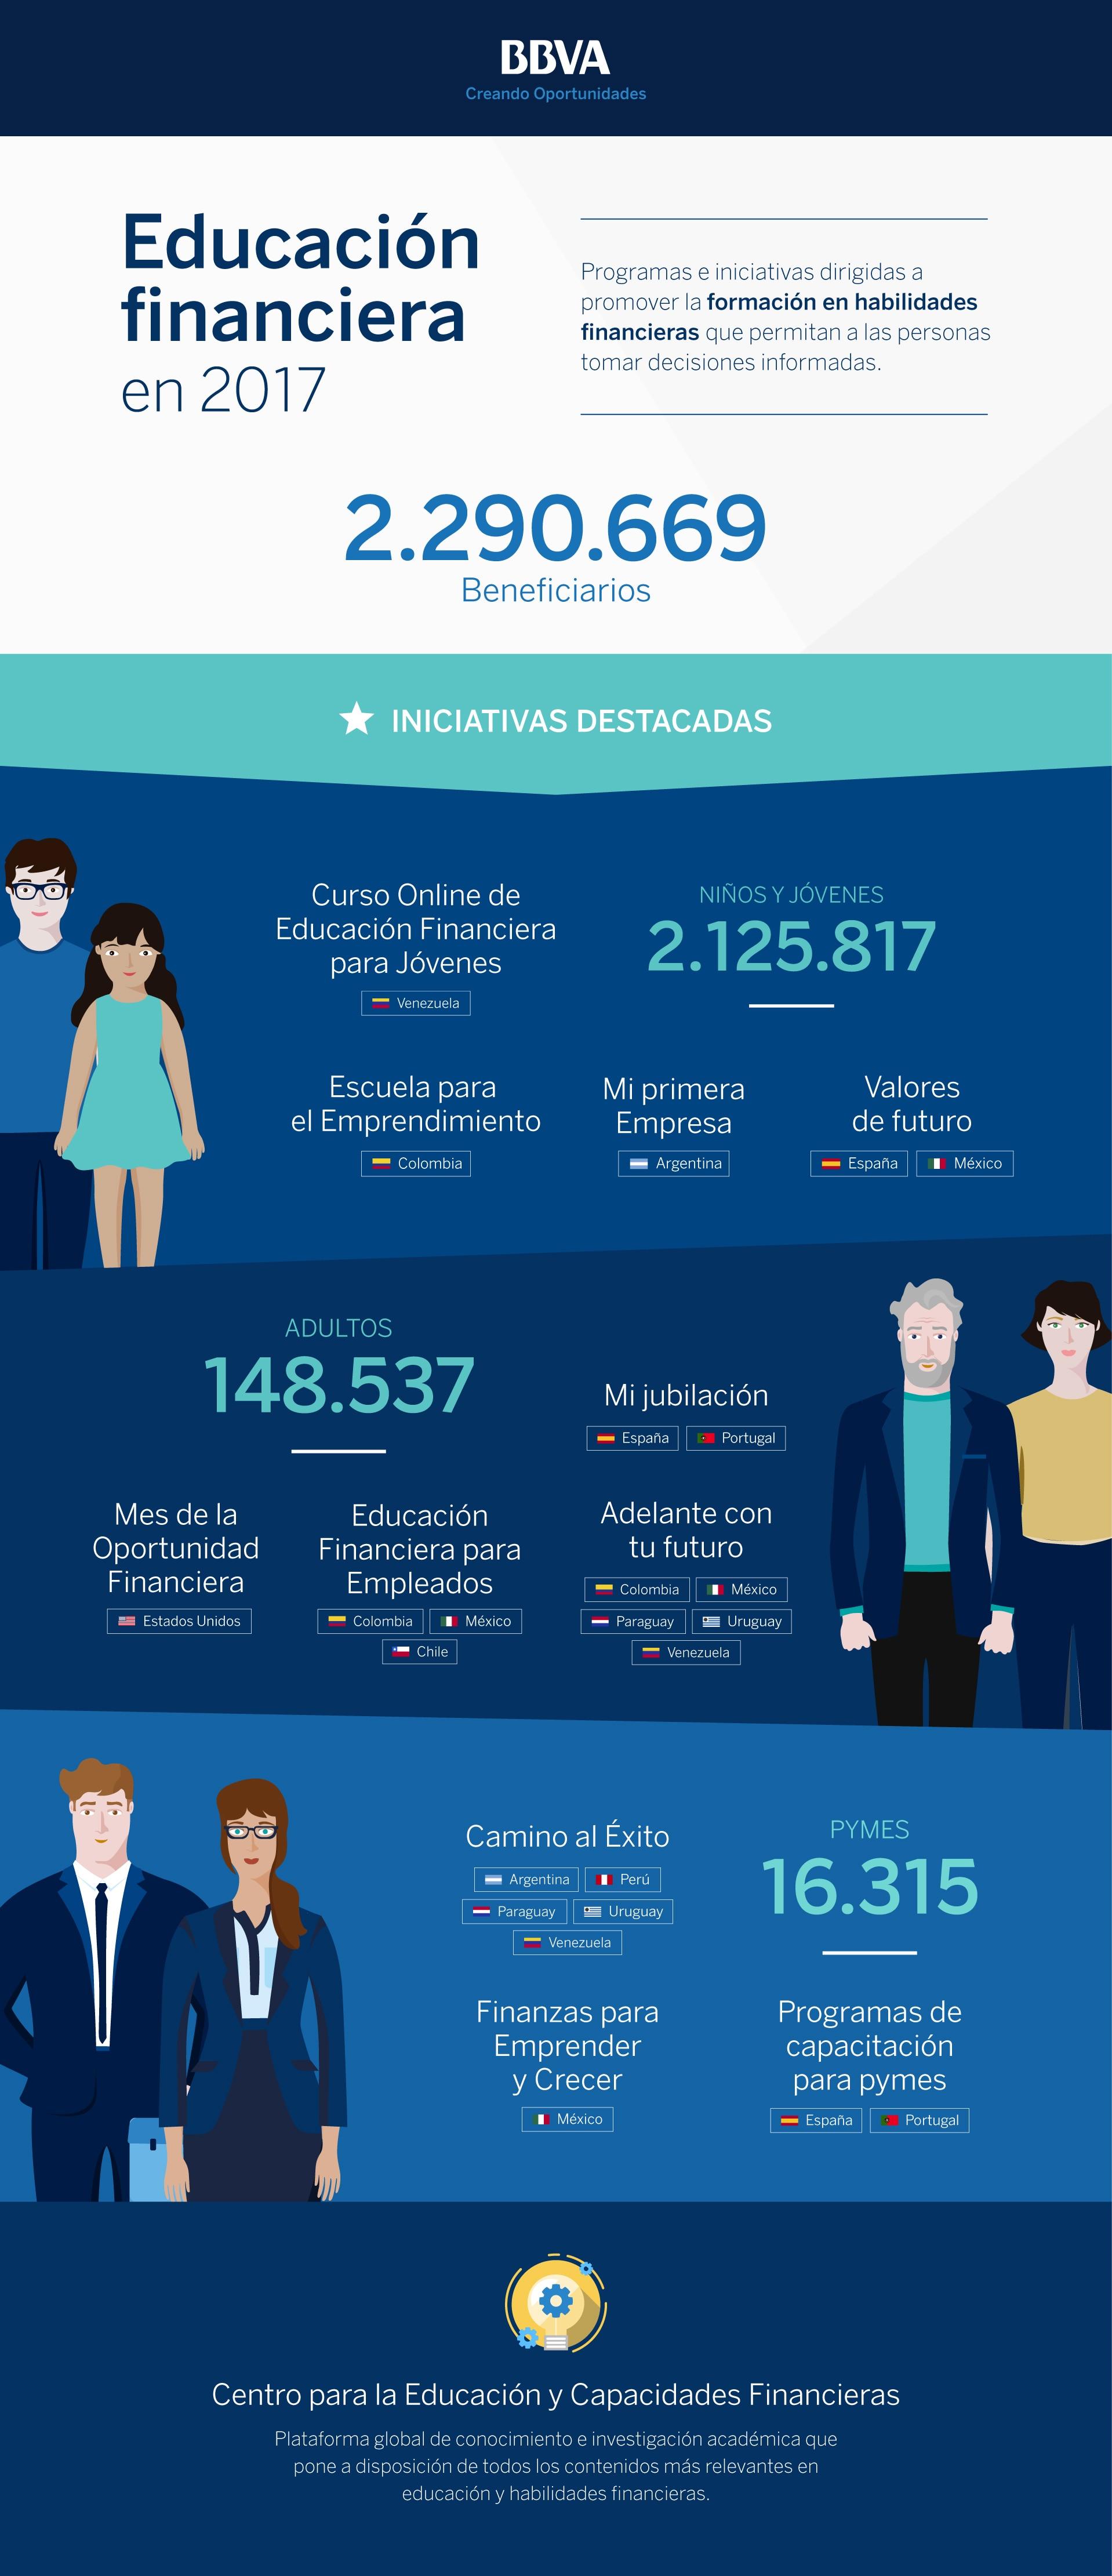 BBVA Educación Financiera 2017